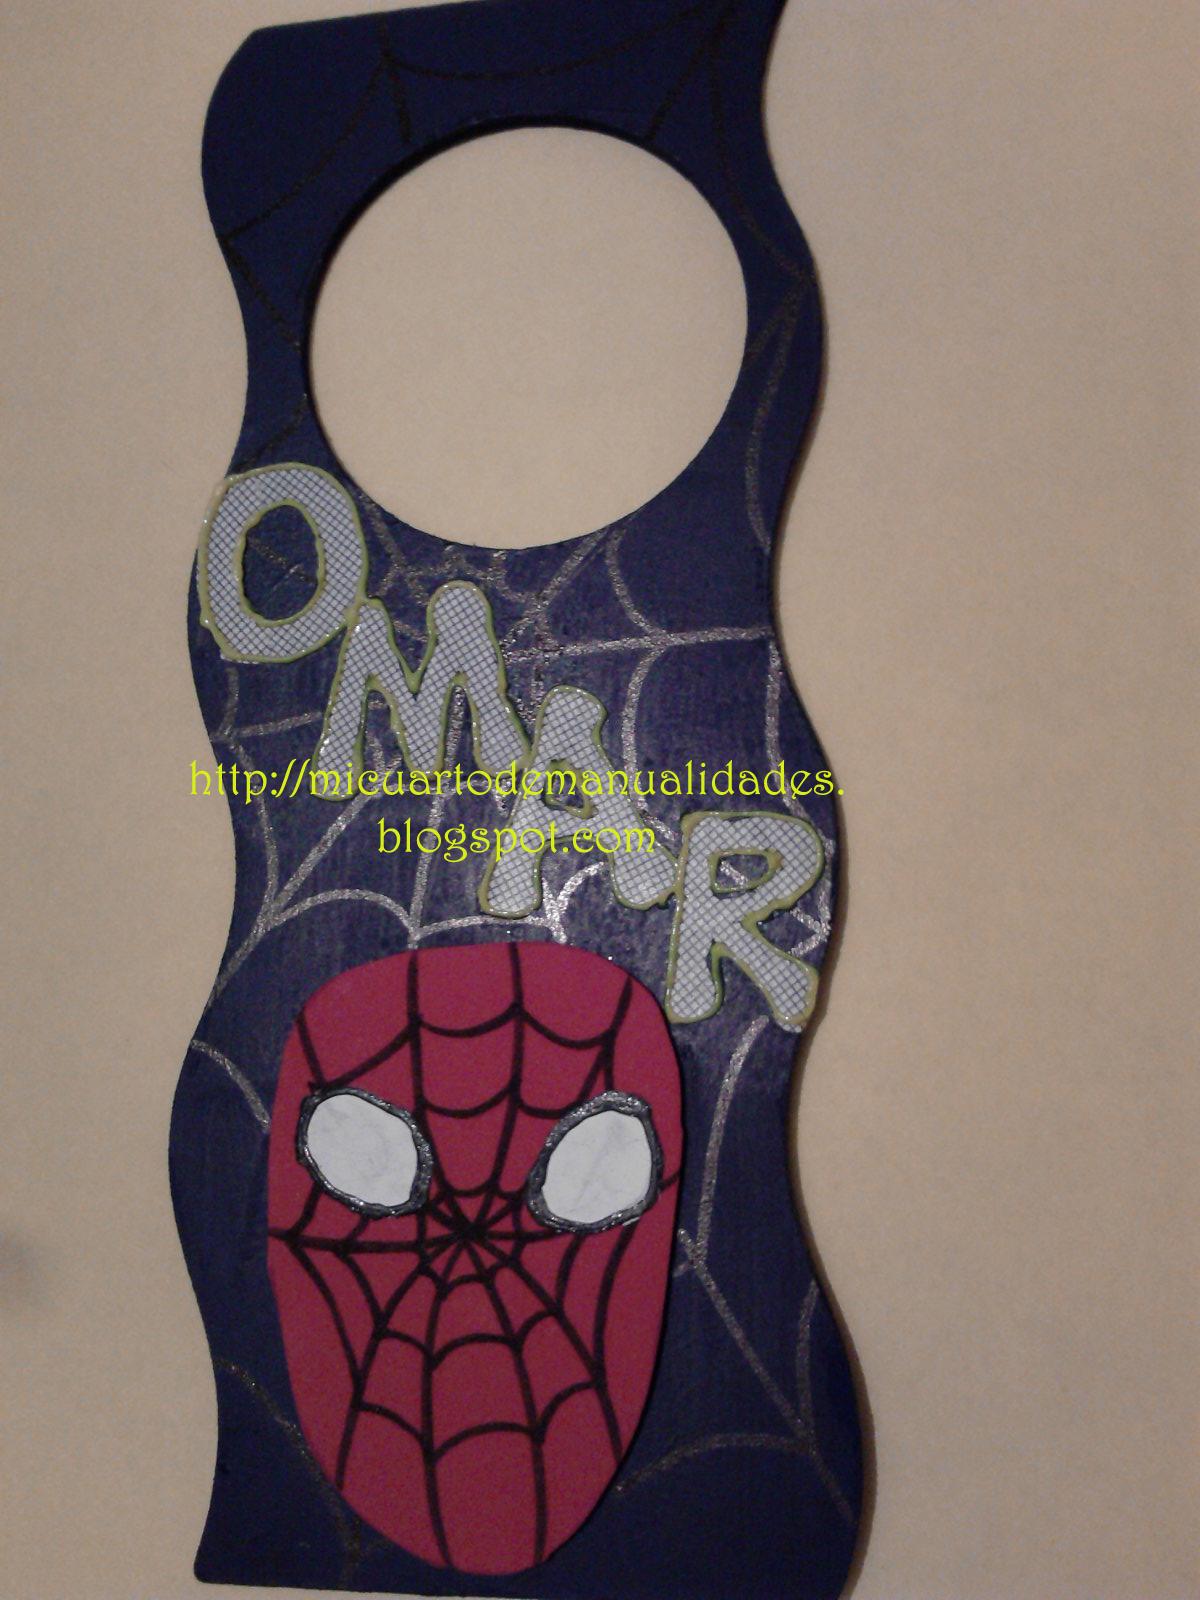 Decoracion Hombre Araa Spiderman Fiestas Infantiles ... - photo#12